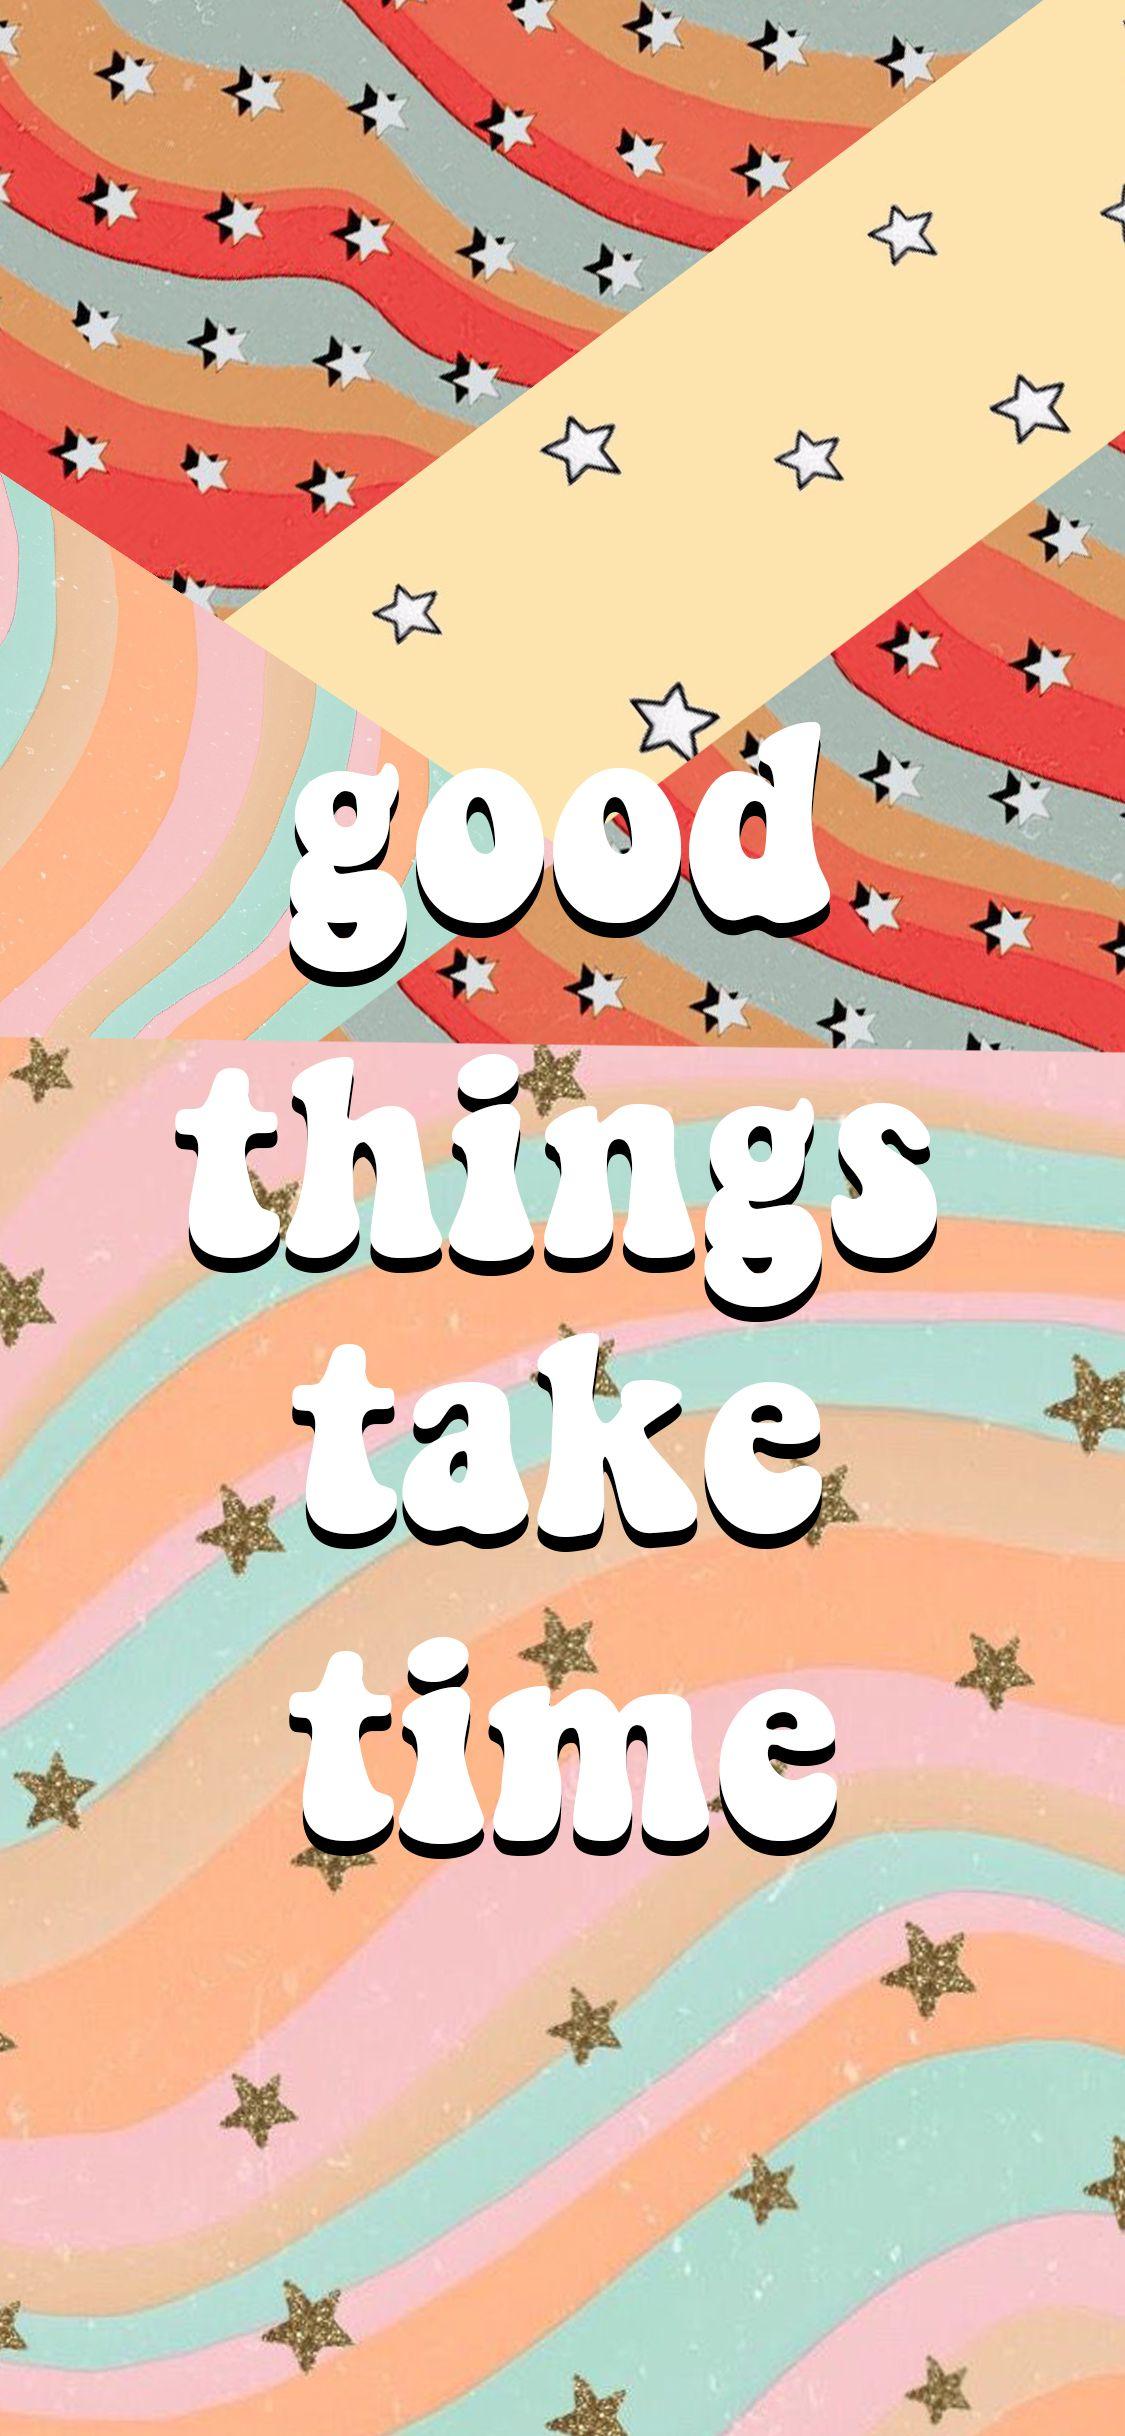 Goof Things Take Time Vsco Aesthetic Wallpaper Aesthetic Vsco Wallpaper Background Cute Tumblr Wallpaper Iphone Wallpaper Photography Cute Wallpapers